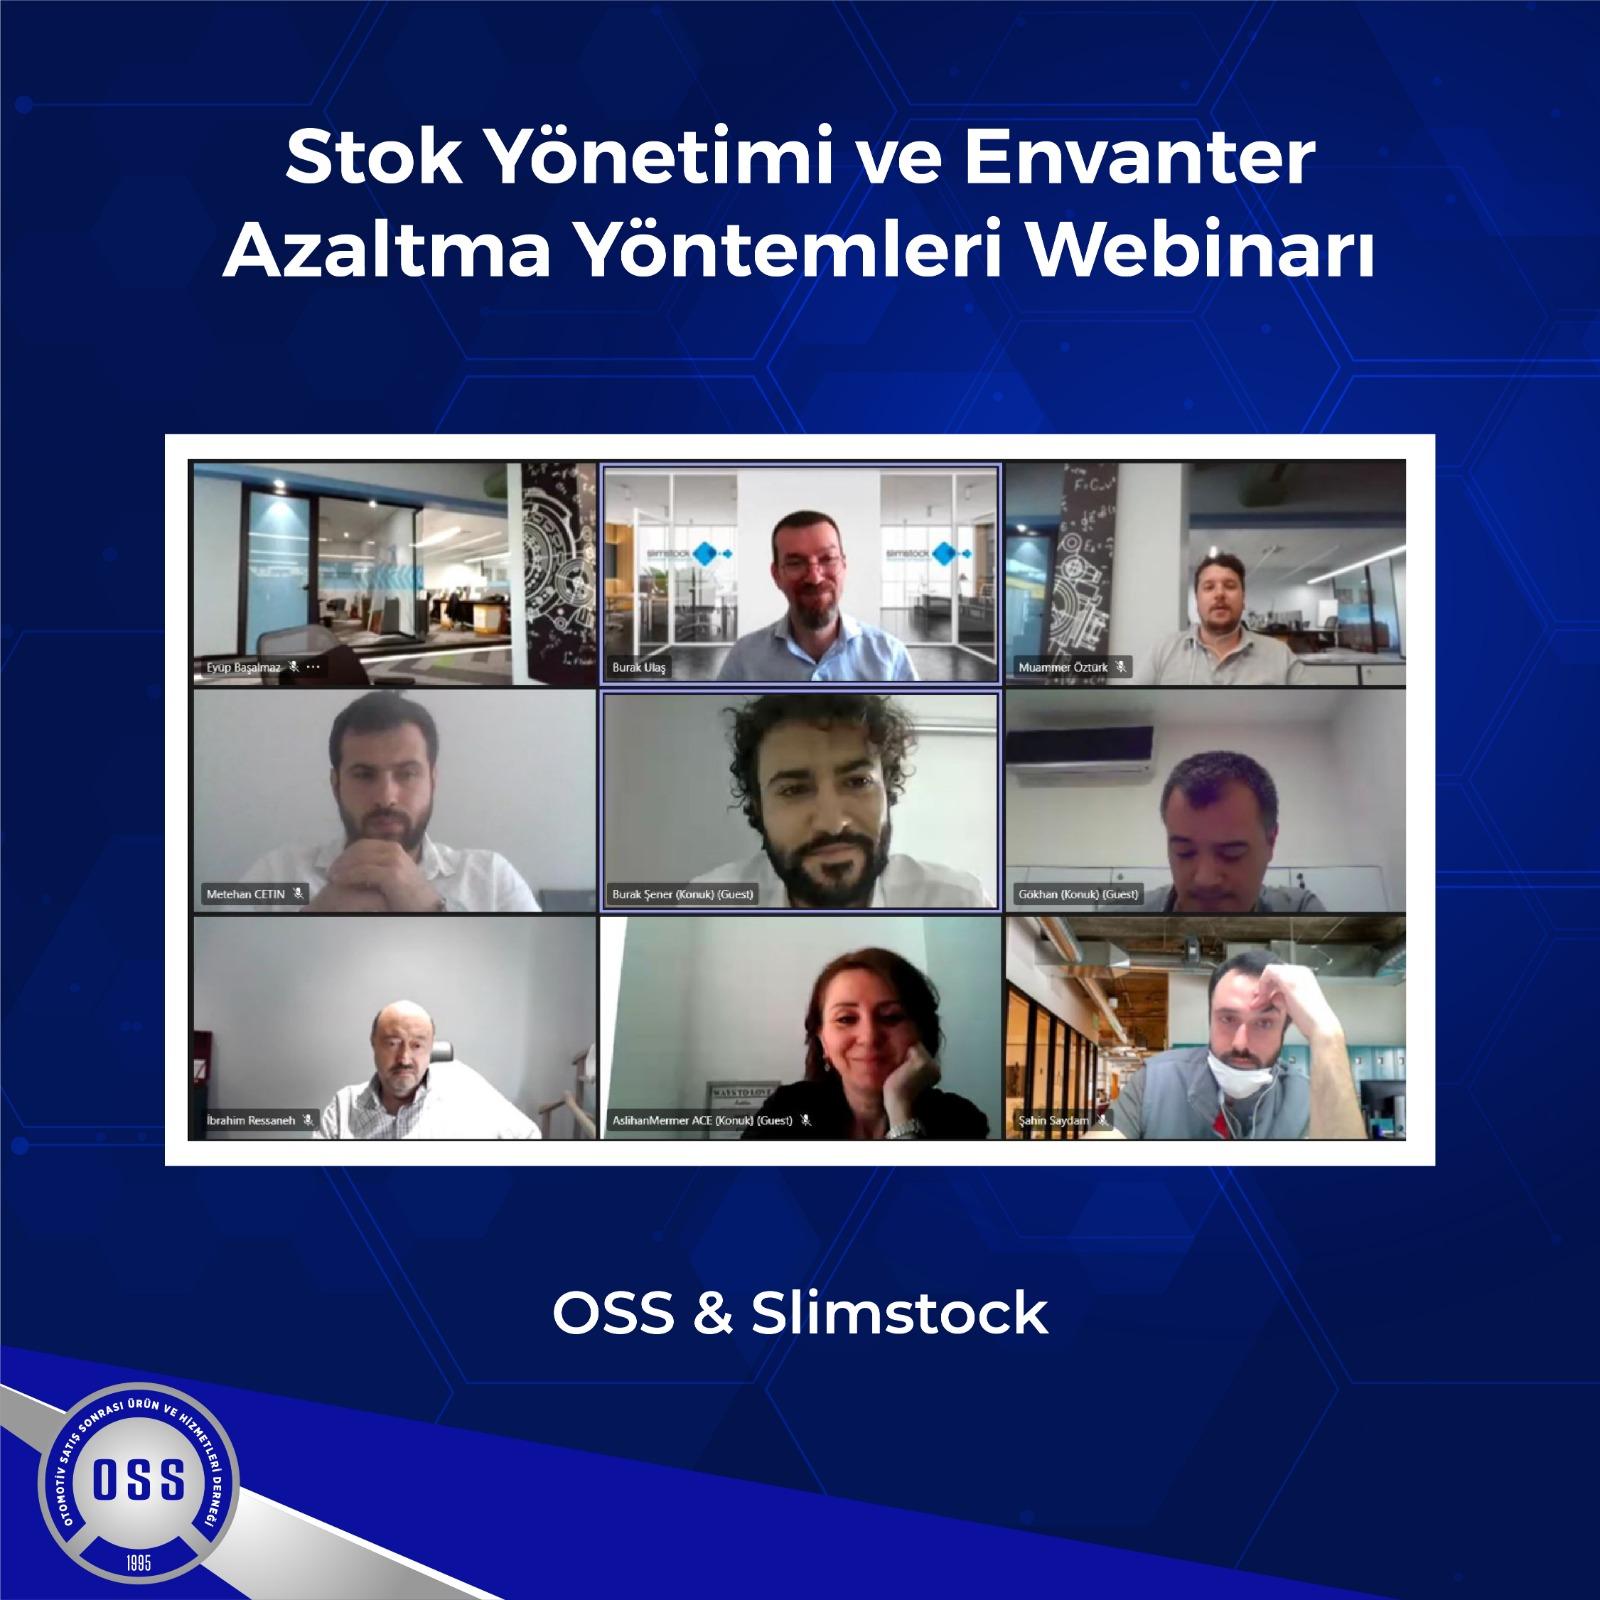 OSS & Slimstock İş Birliğinde Stok Yönetimi ve Envanter Azaltma Yöntemleri Konulu Webinar Büyük İlgi Gördü